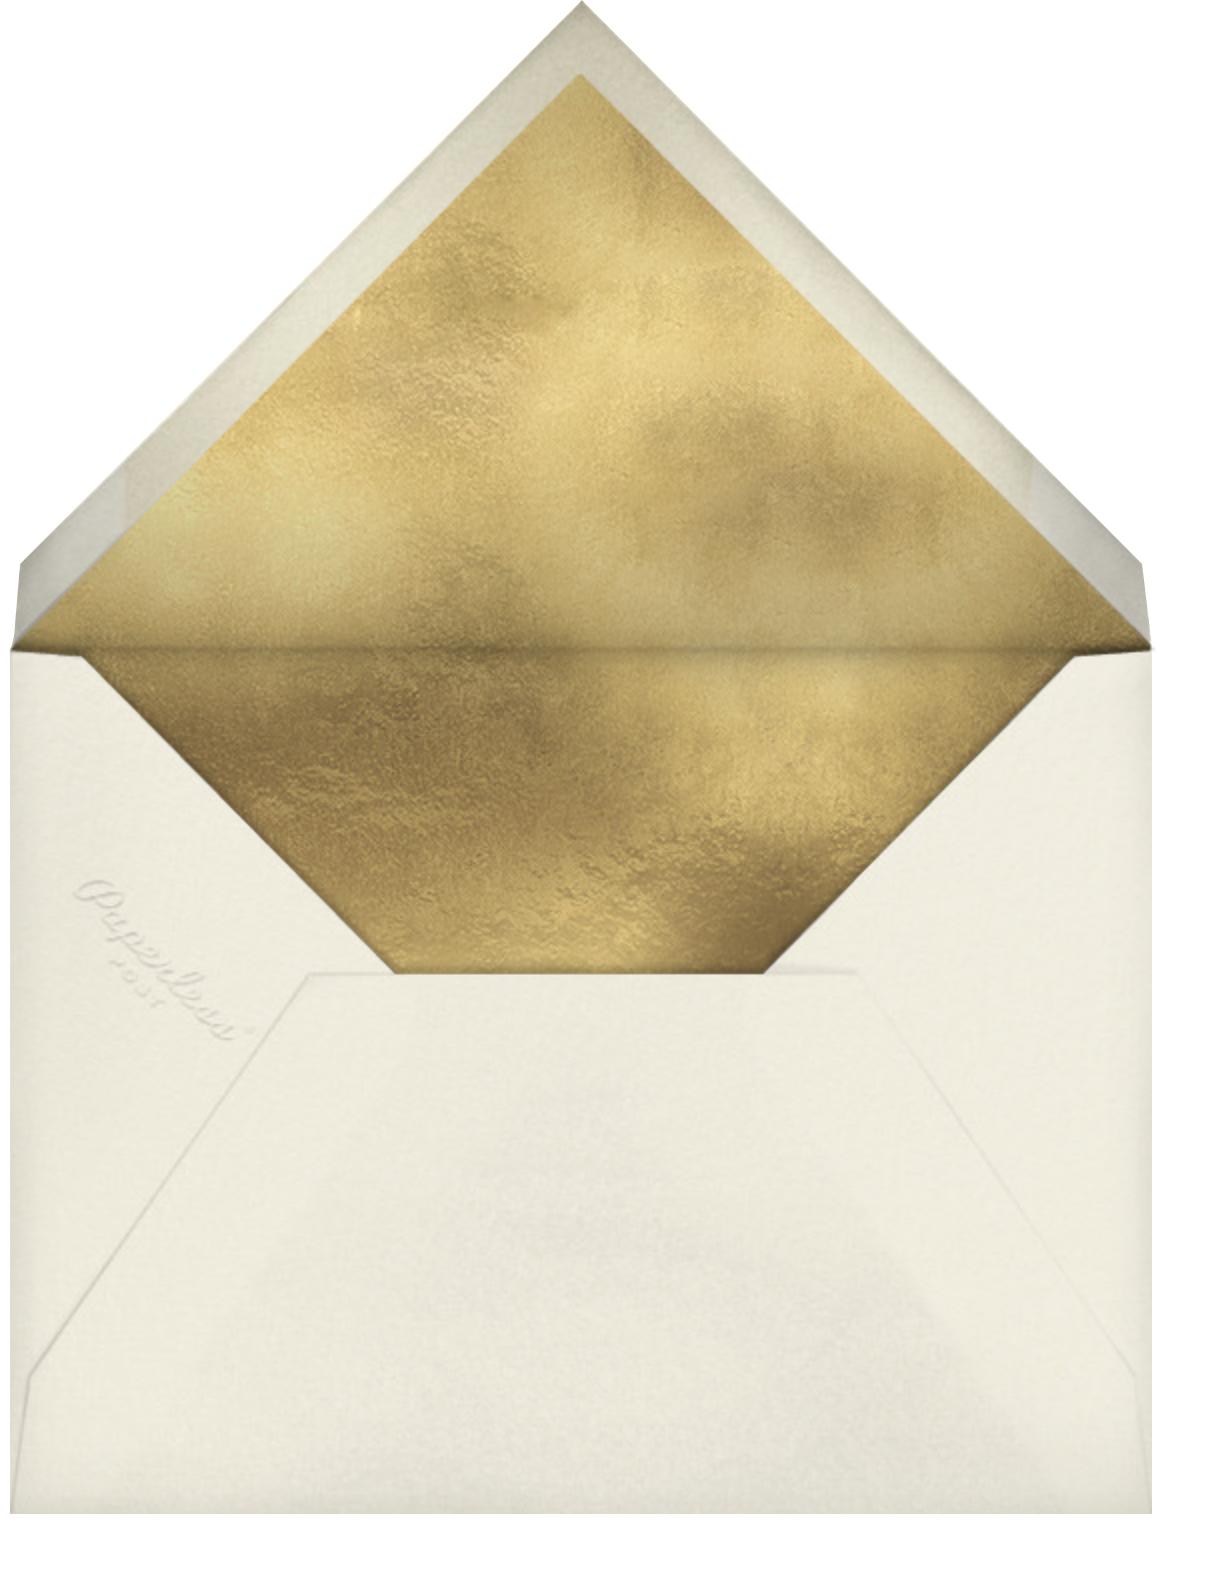 Falalalala - Sugar Paper - Christmas party - envelope back